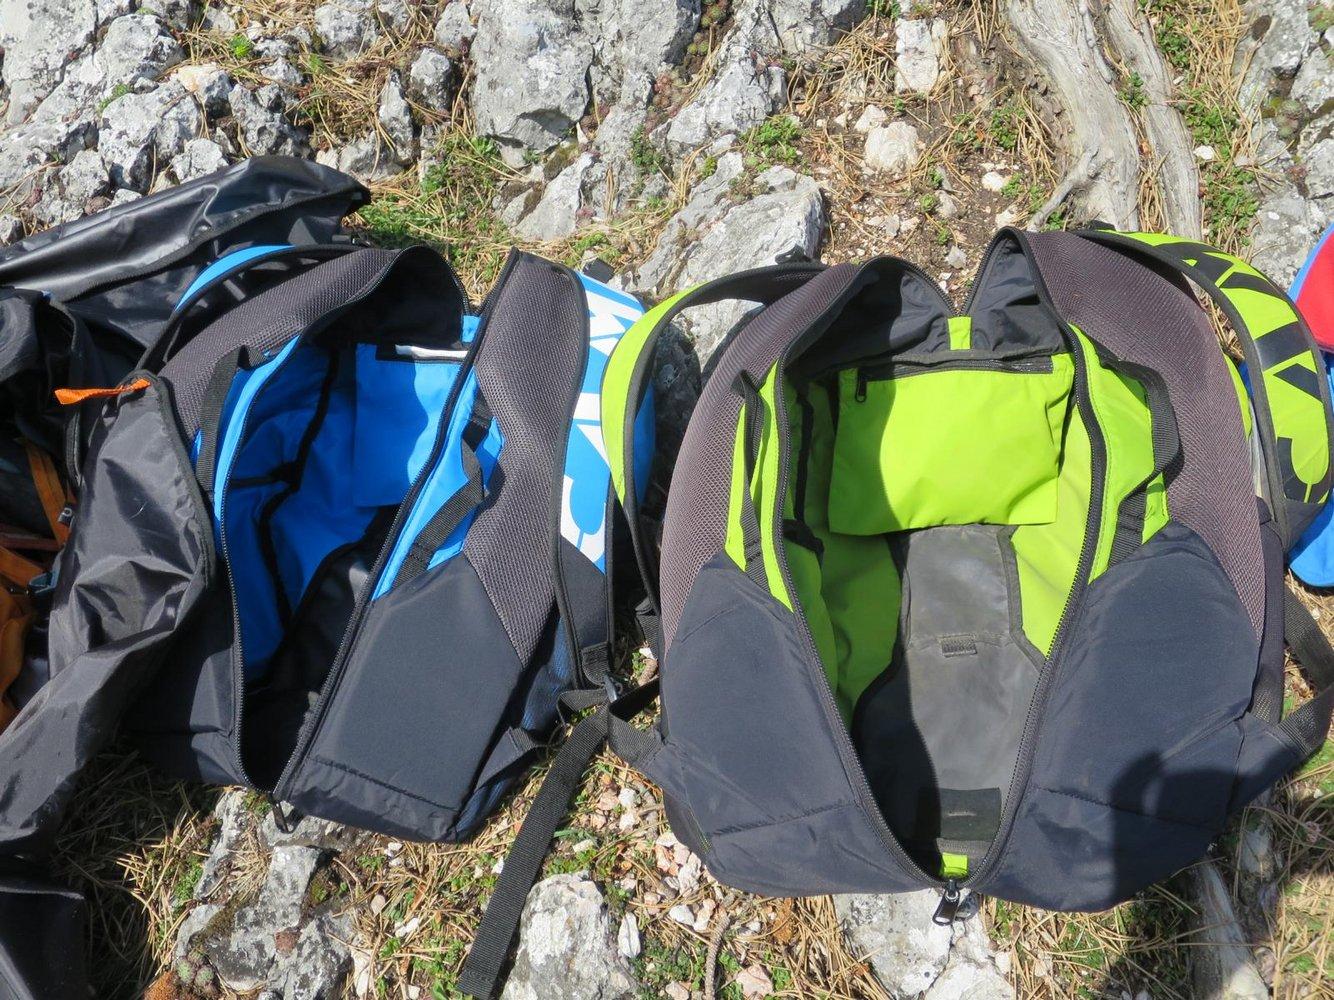 Kletterausrüstung Rucksack : Kletterausrüstung bei outdoor magazin